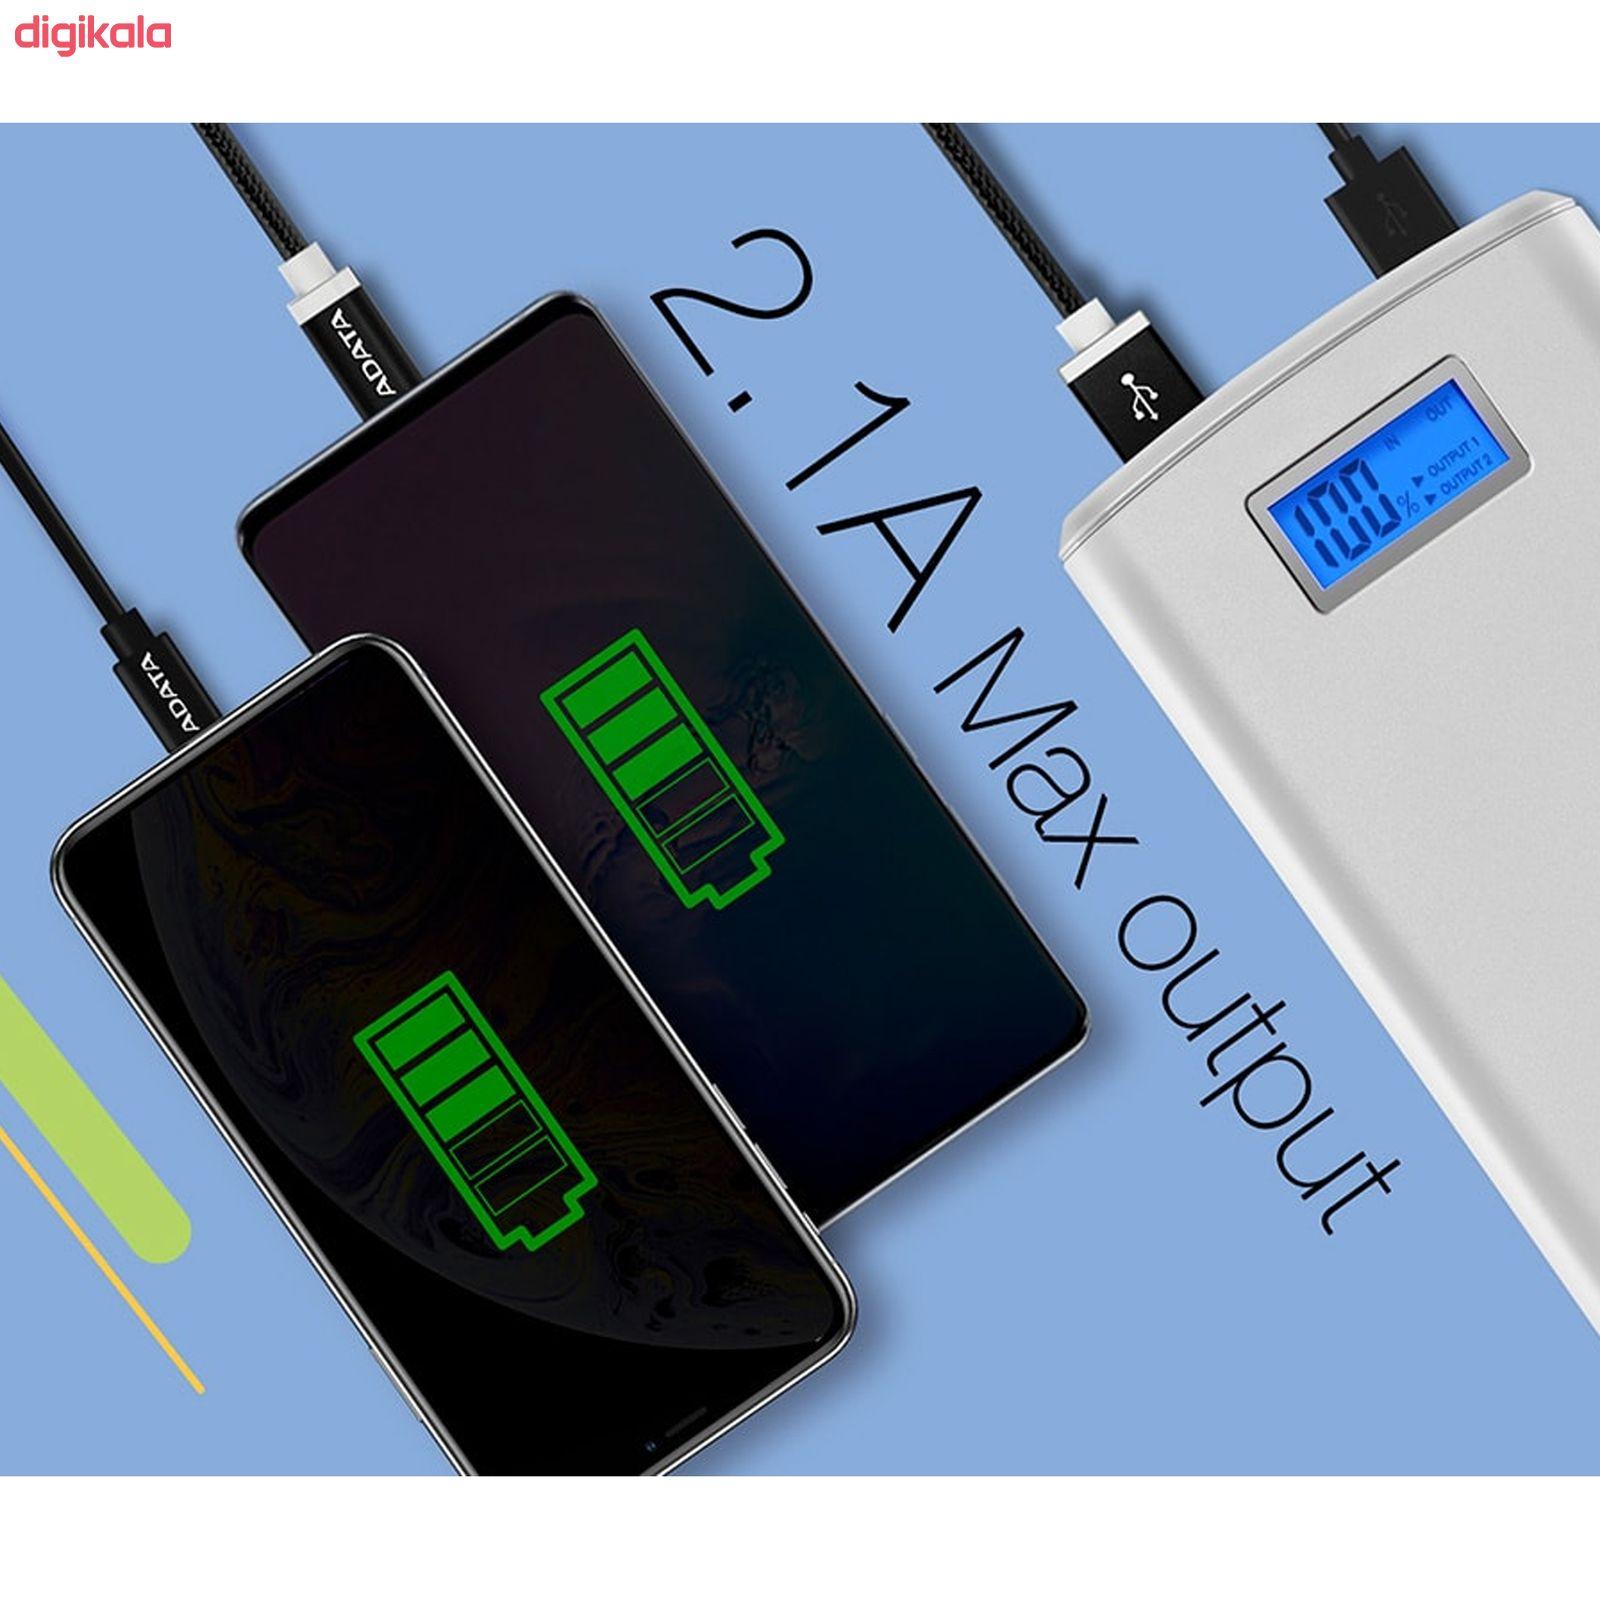 شارژر همراه ای دیتا مدل S20000D ظرفیت 20000 میلی آمپر ساعت  main 1 5